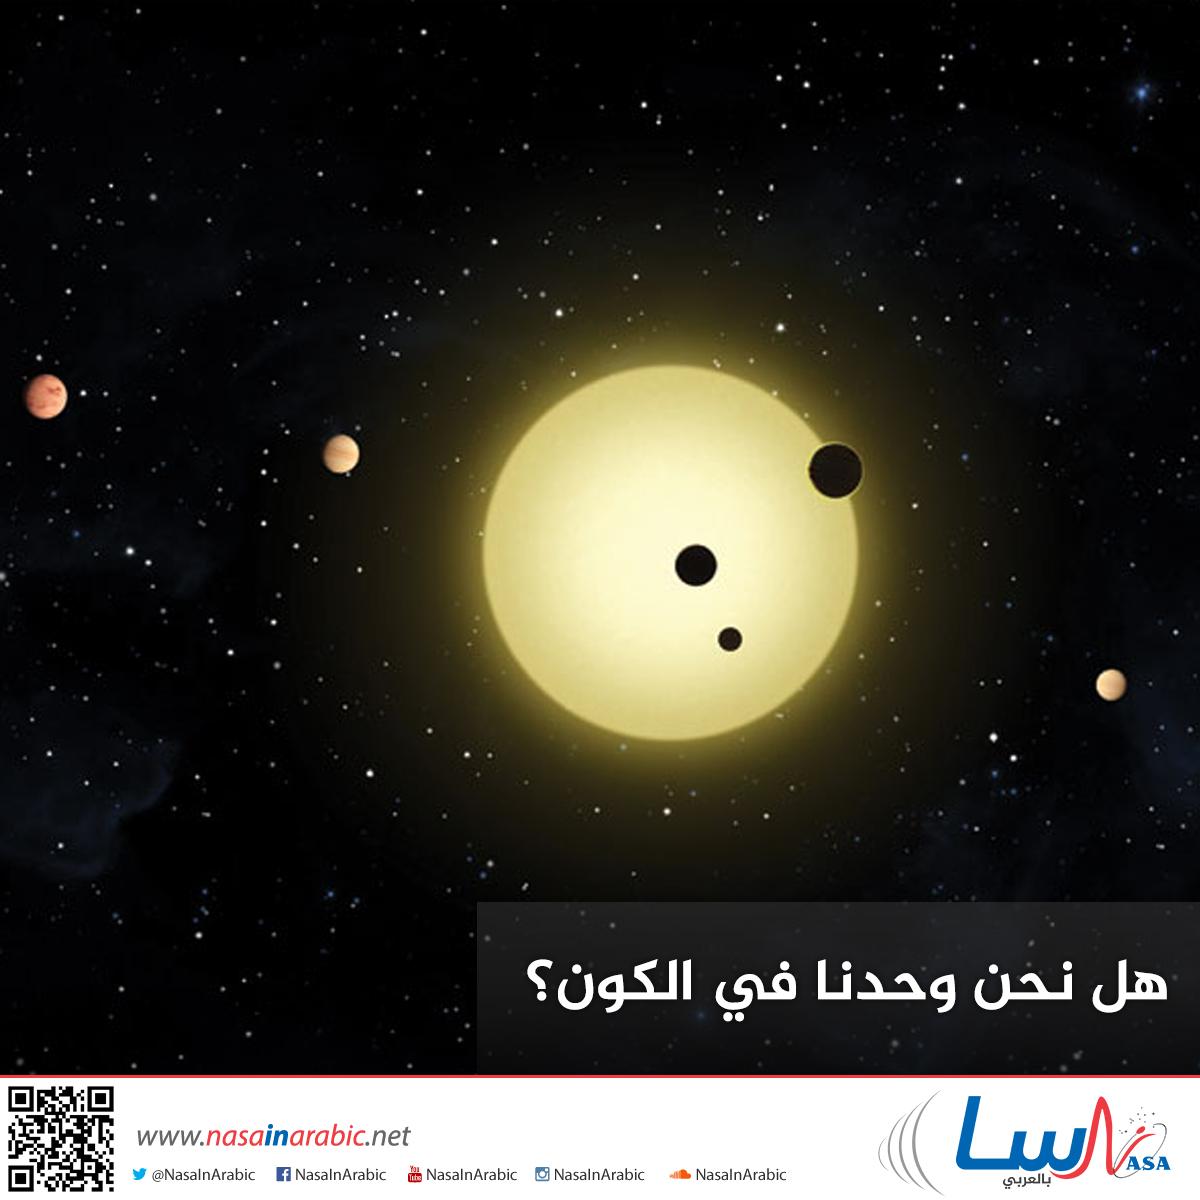 هل نحن وحدنا في الكون؟